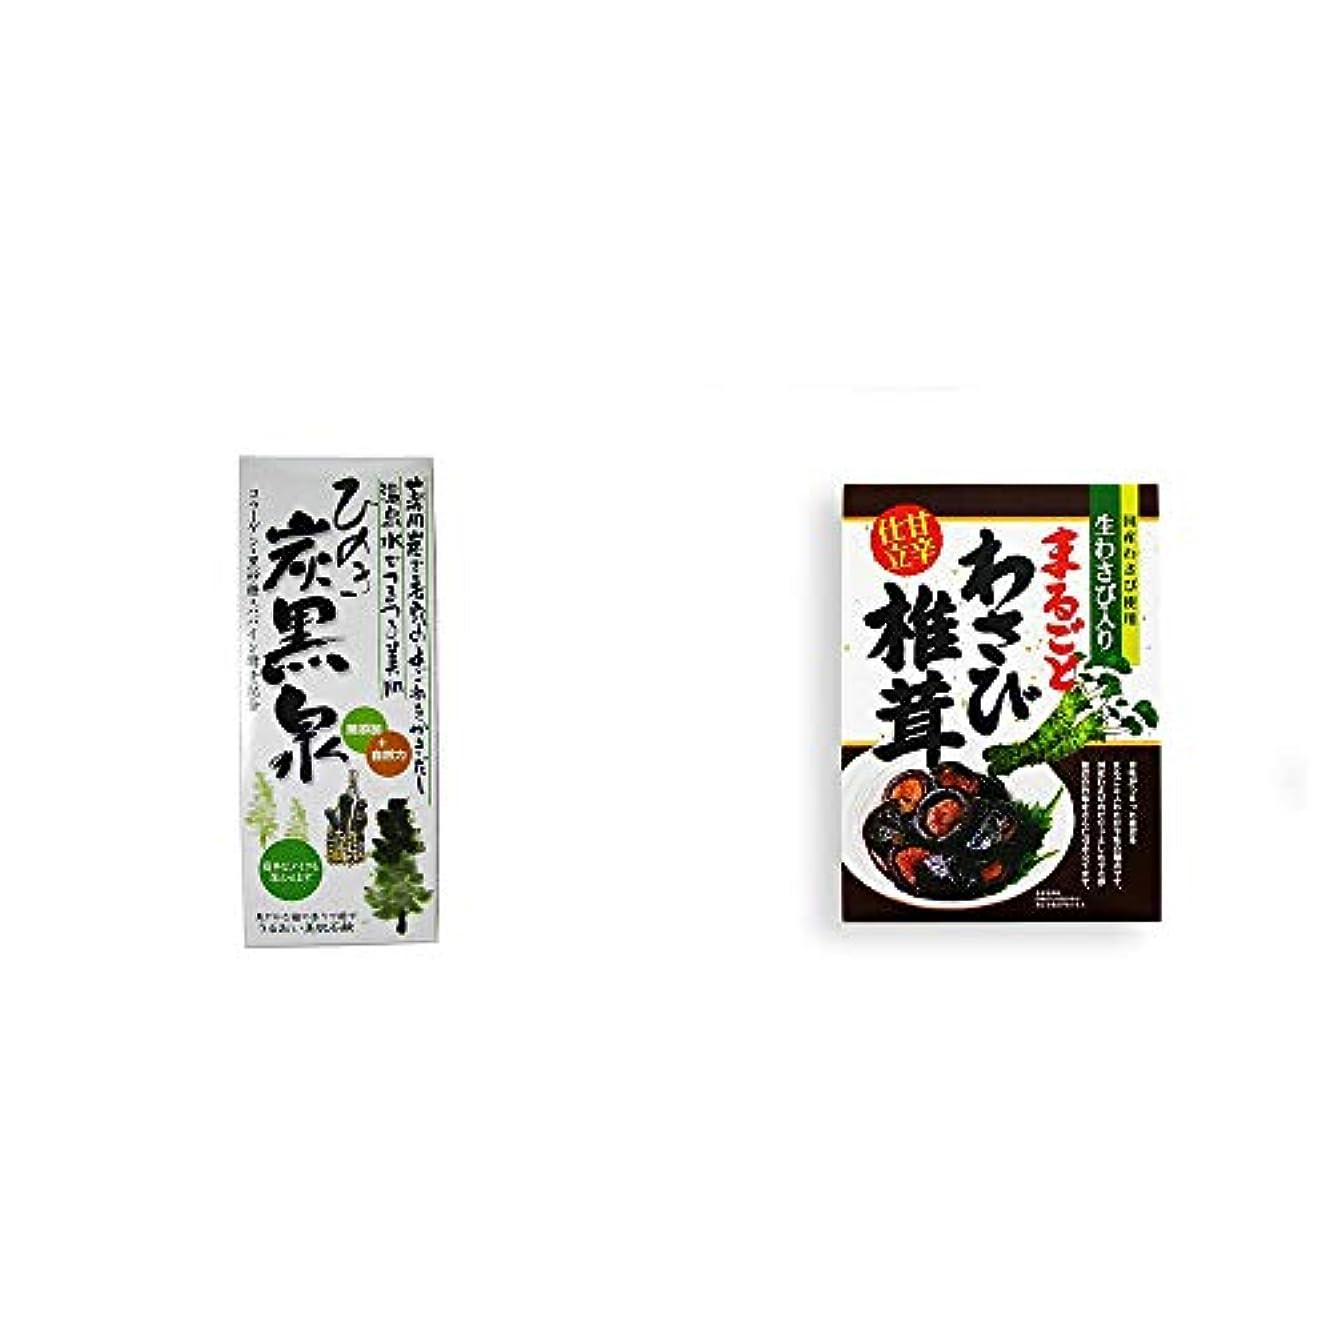 作物いくつかの請求可能[2点セット] ひのき炭黒泉 箱入り(75g×3)?まるごとわさび椎茸(200g)